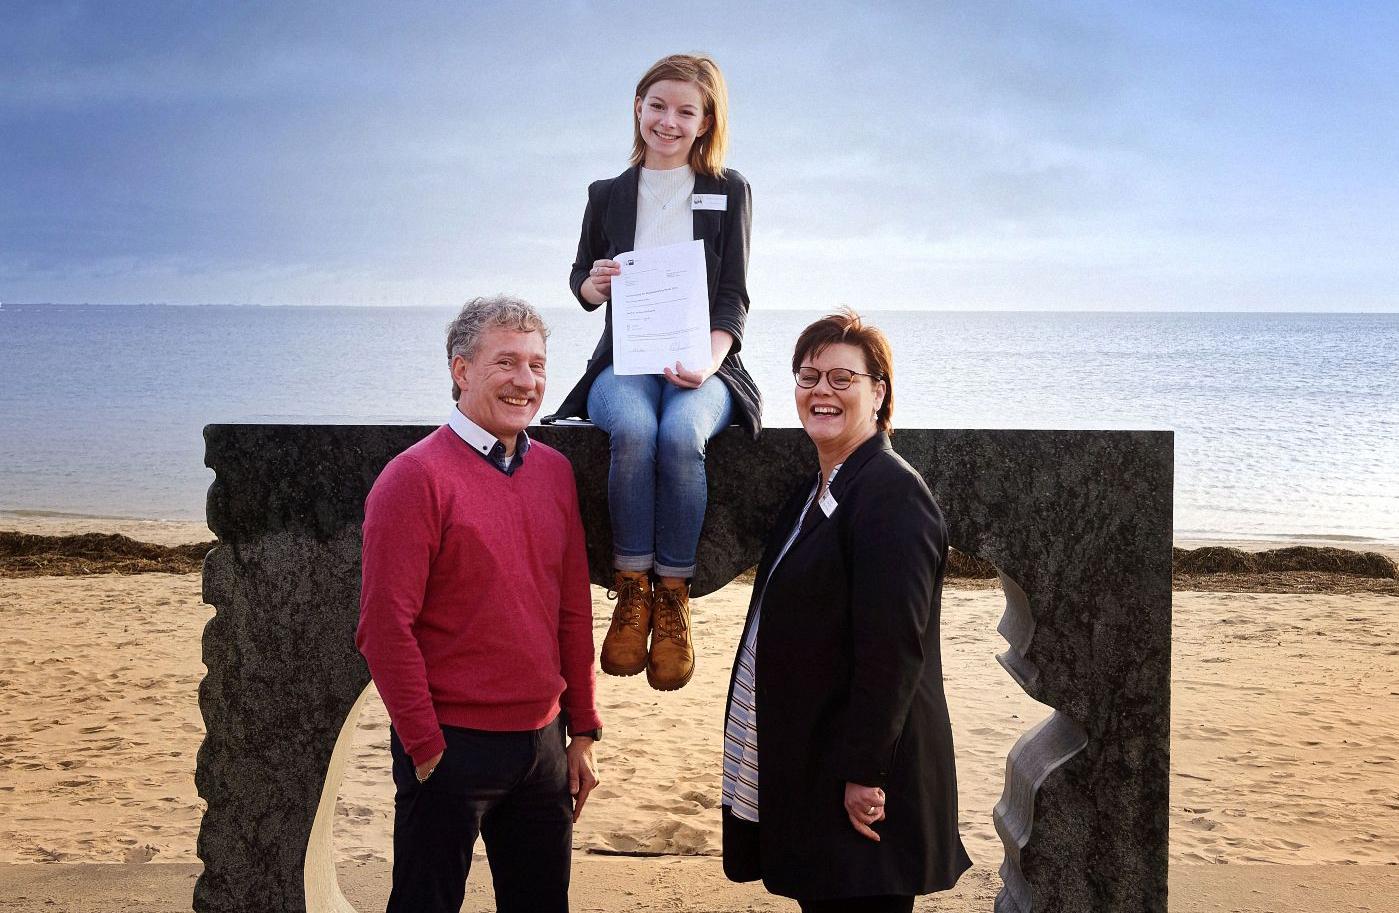 Ausbilder Dr. Ralf J. Jochheim und Mentorin Andrea Roeloffs freuen sich mit Celine M. Jensen über die Abschlussurkunde zur Kauffrau im Gesundheitswesen